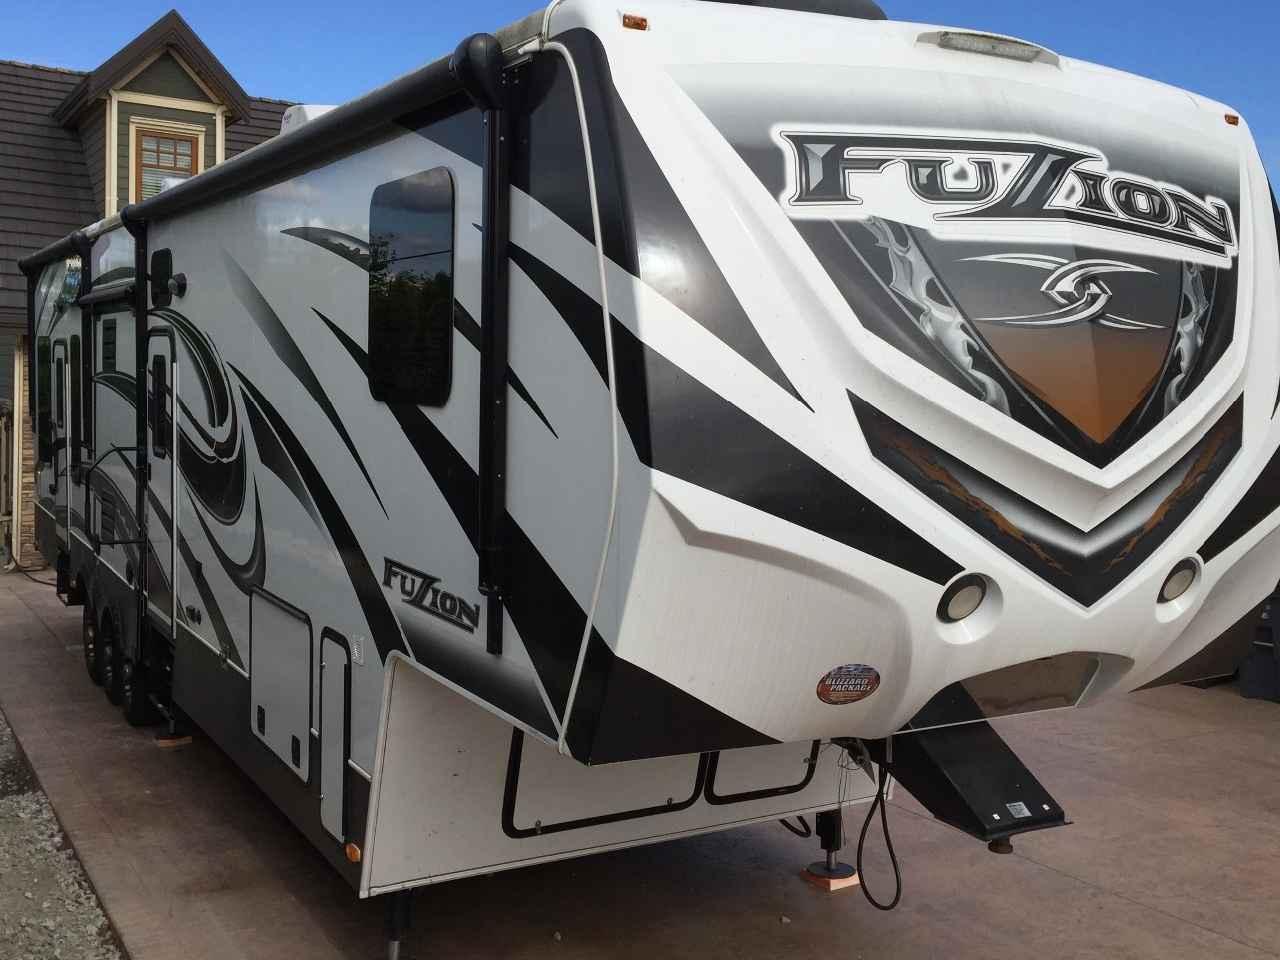 2014 Used Keystone FUZION 395 Toy Hauler in Washington WA